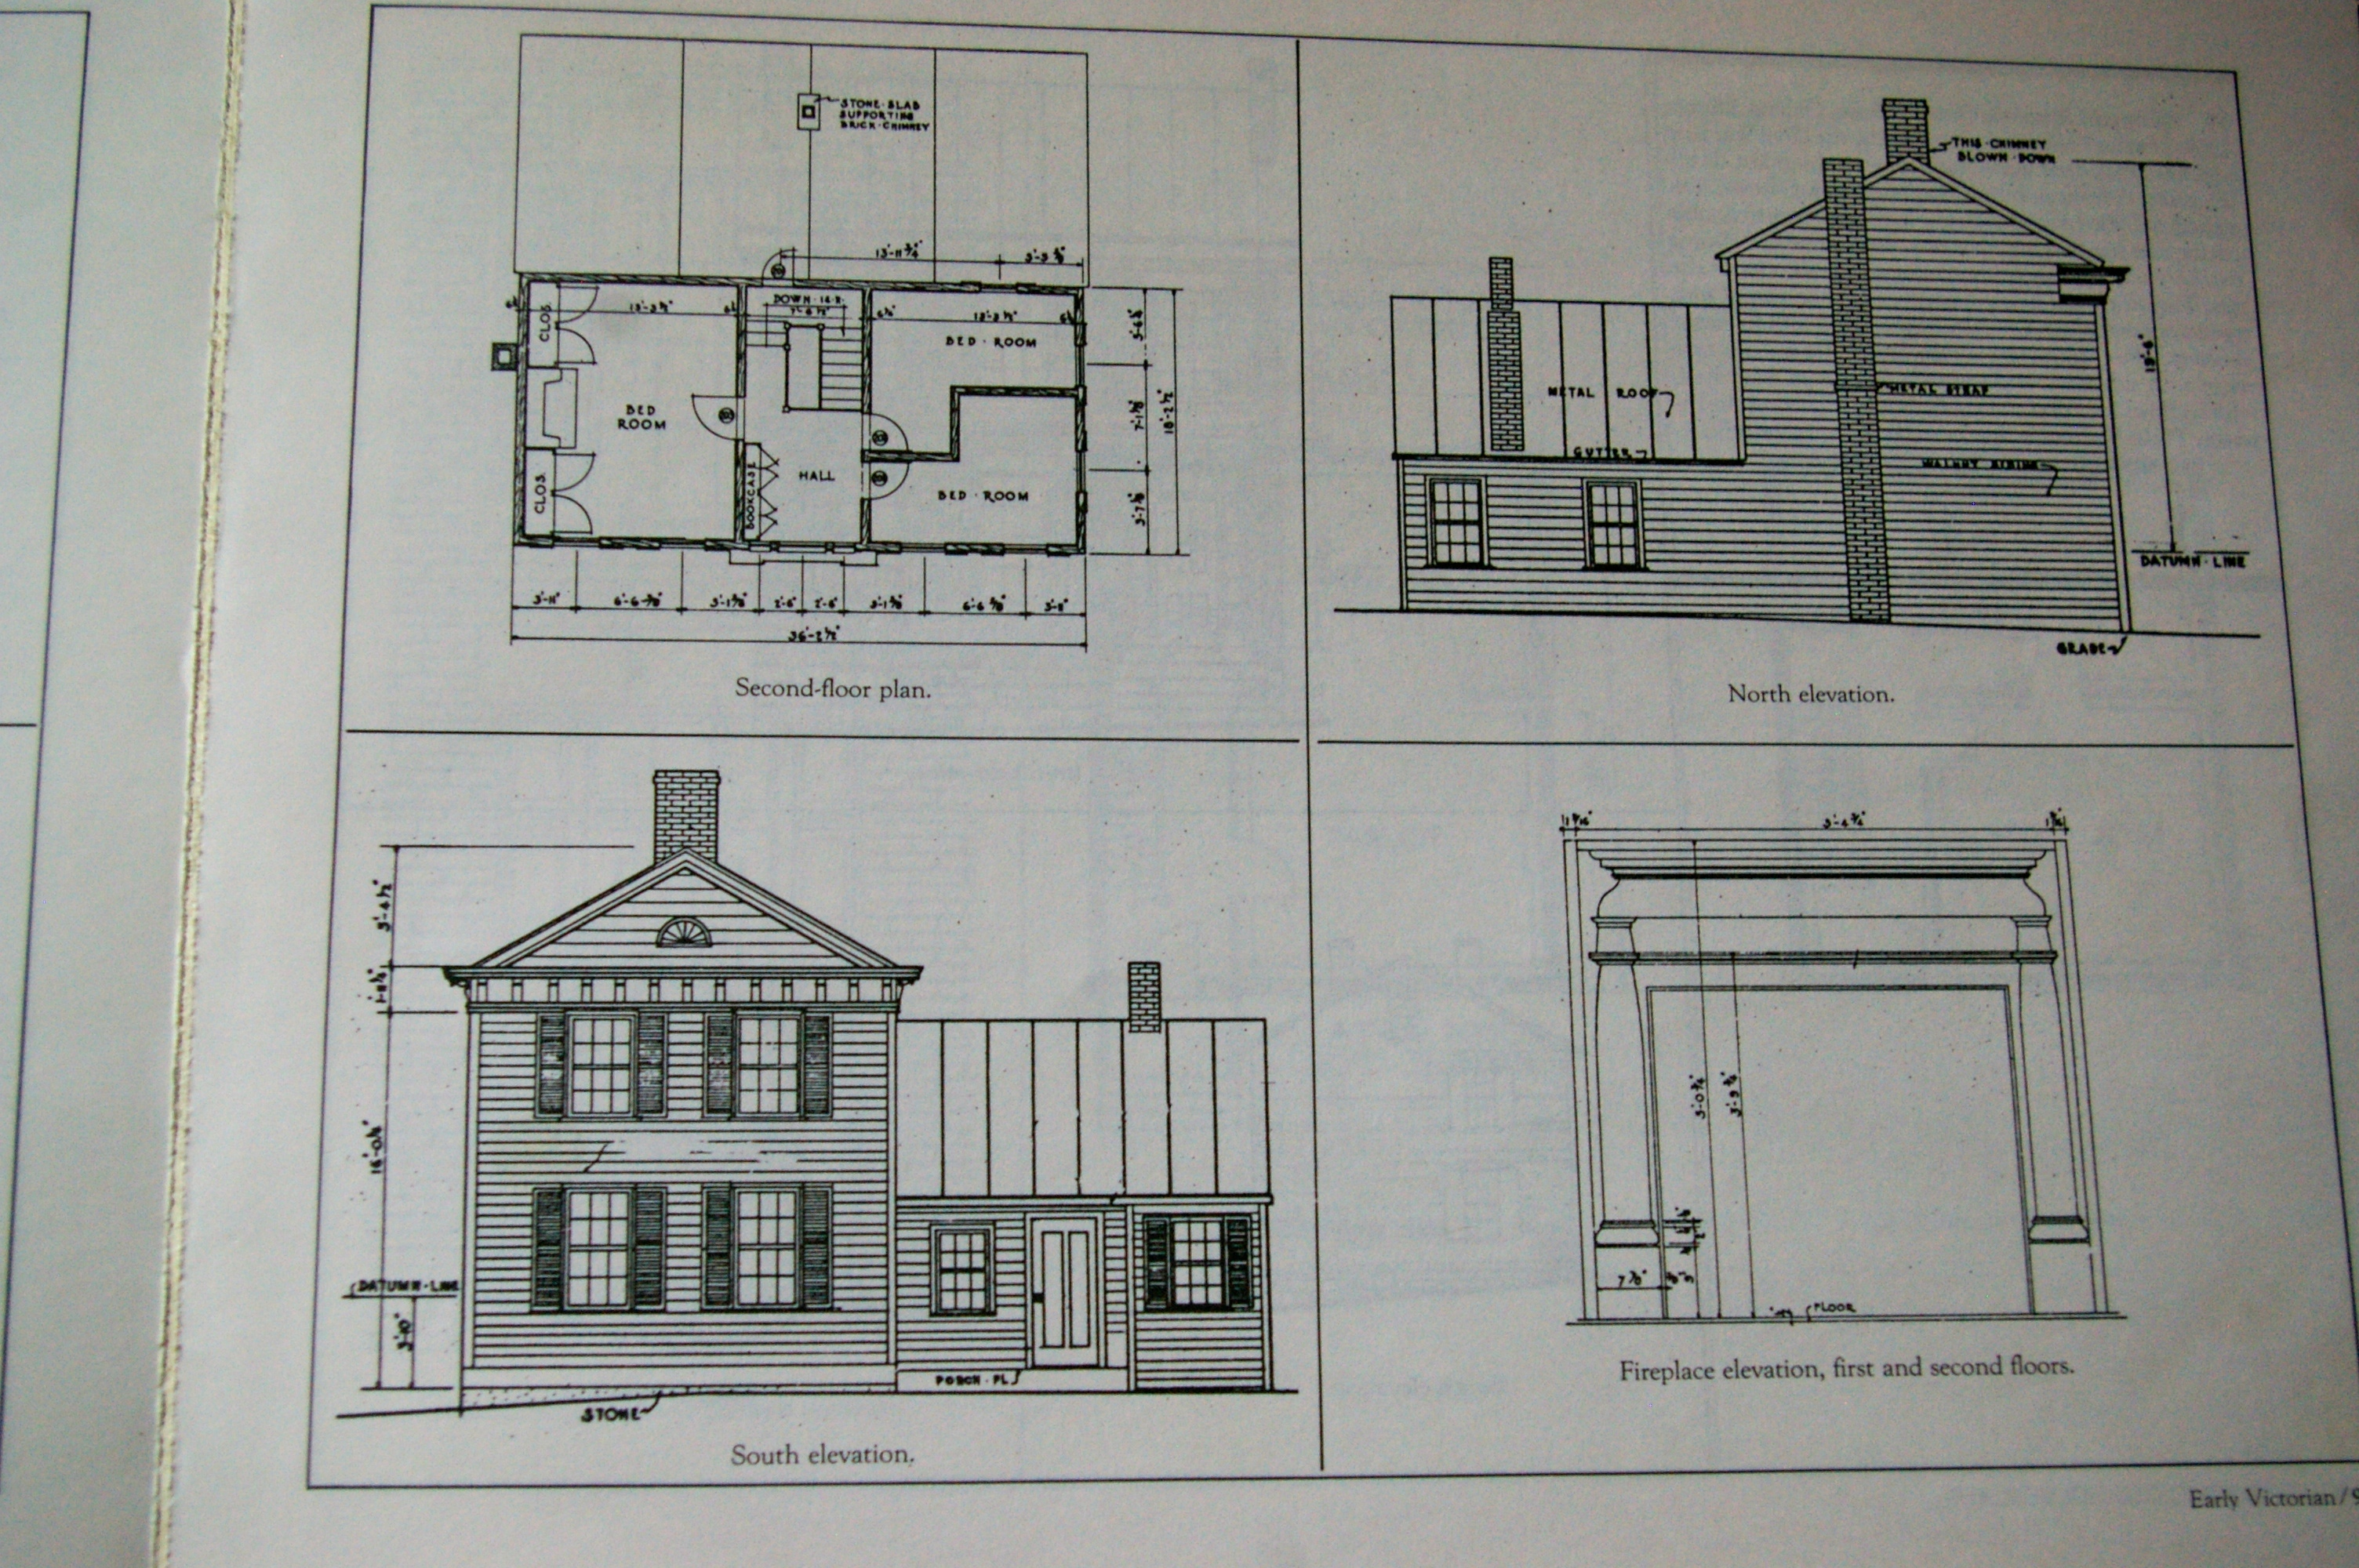 Historic blueprints of the Bentonsport Village Bed & Breakfast in Bentonsport, Iowa